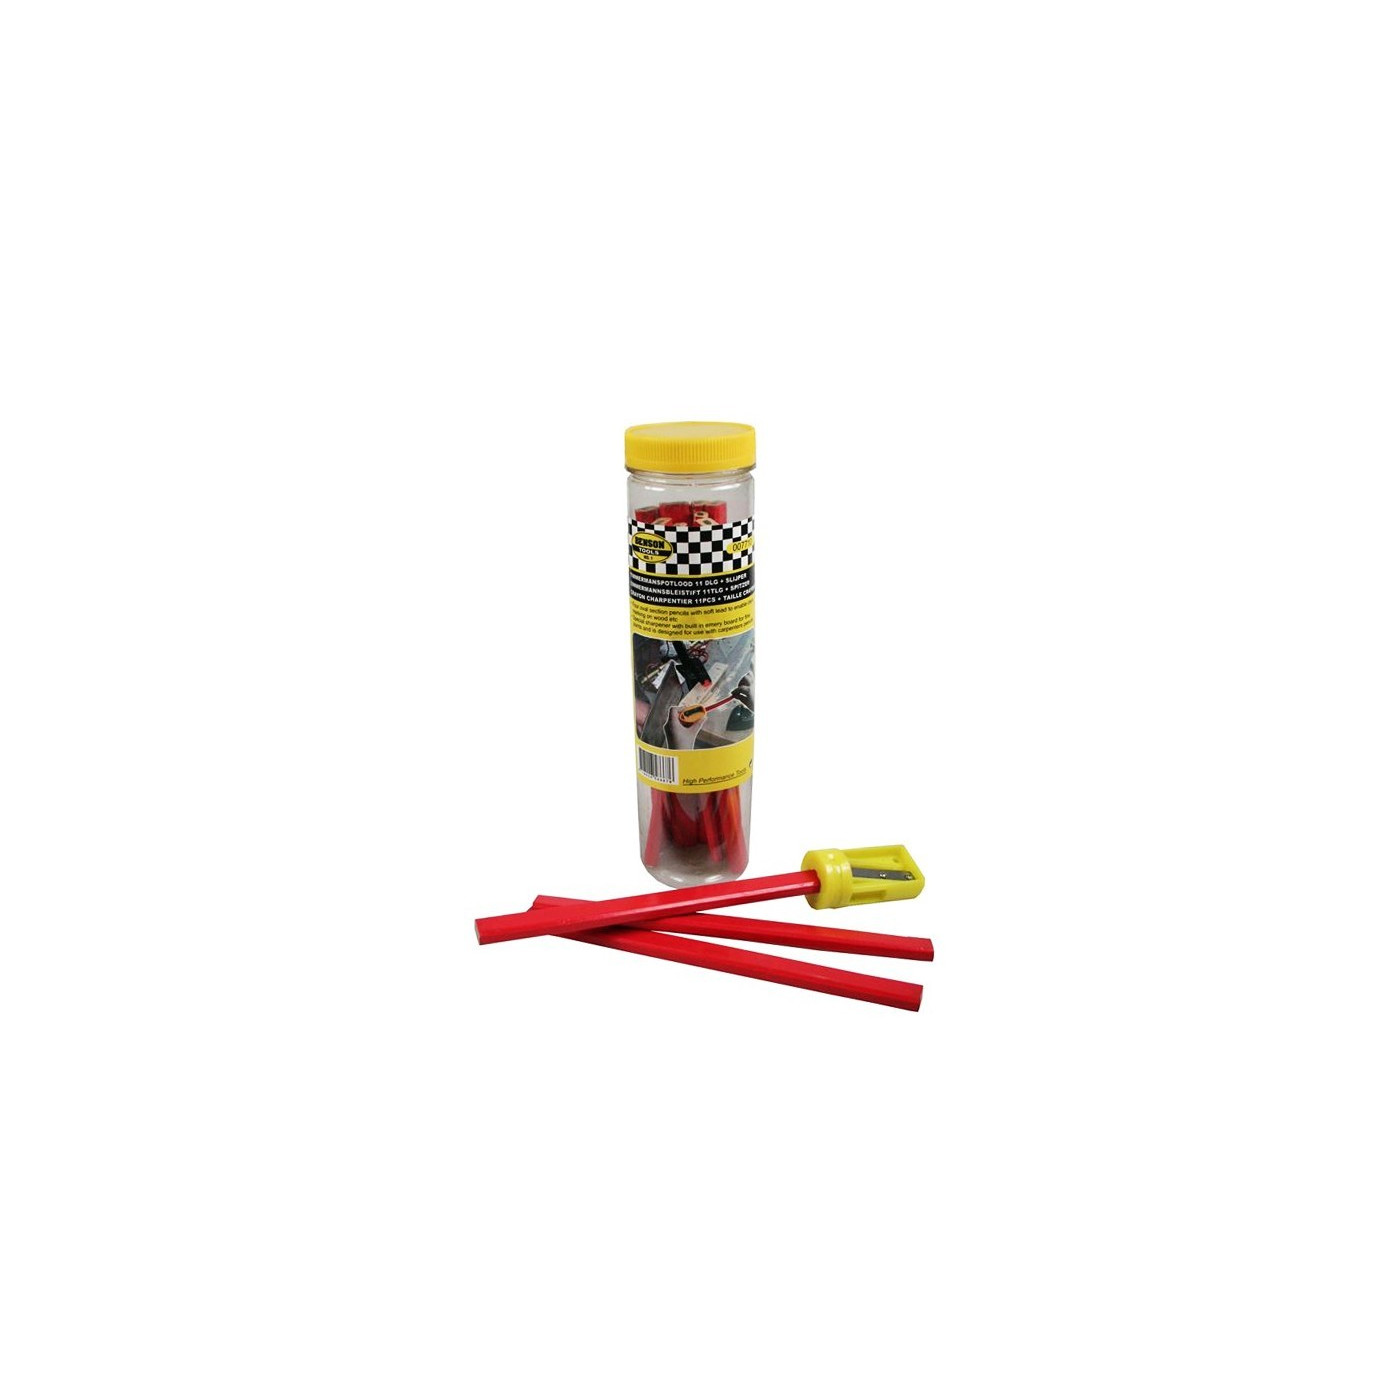 Set carpenters pencils (11 pieces) plus sharpener